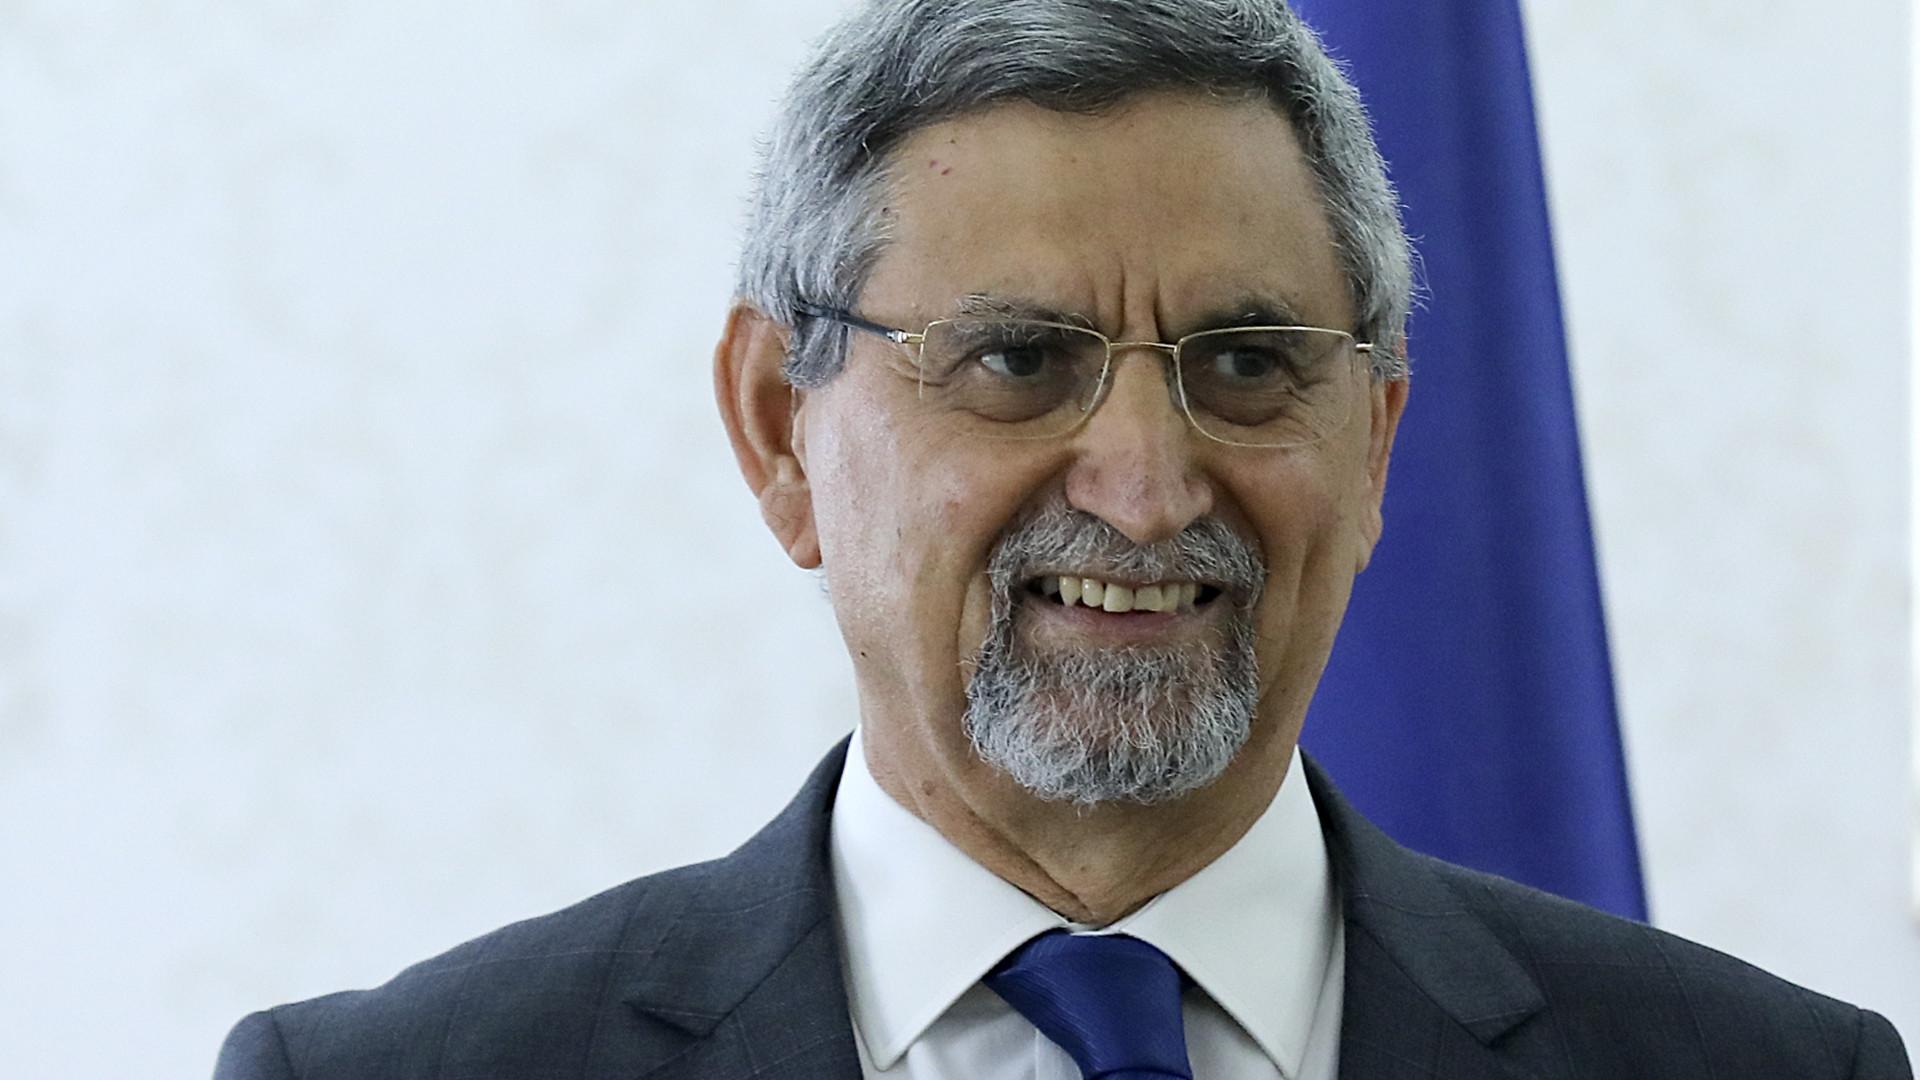 Presidente pede que sejam apuradas responsabilidades no Novo Banco